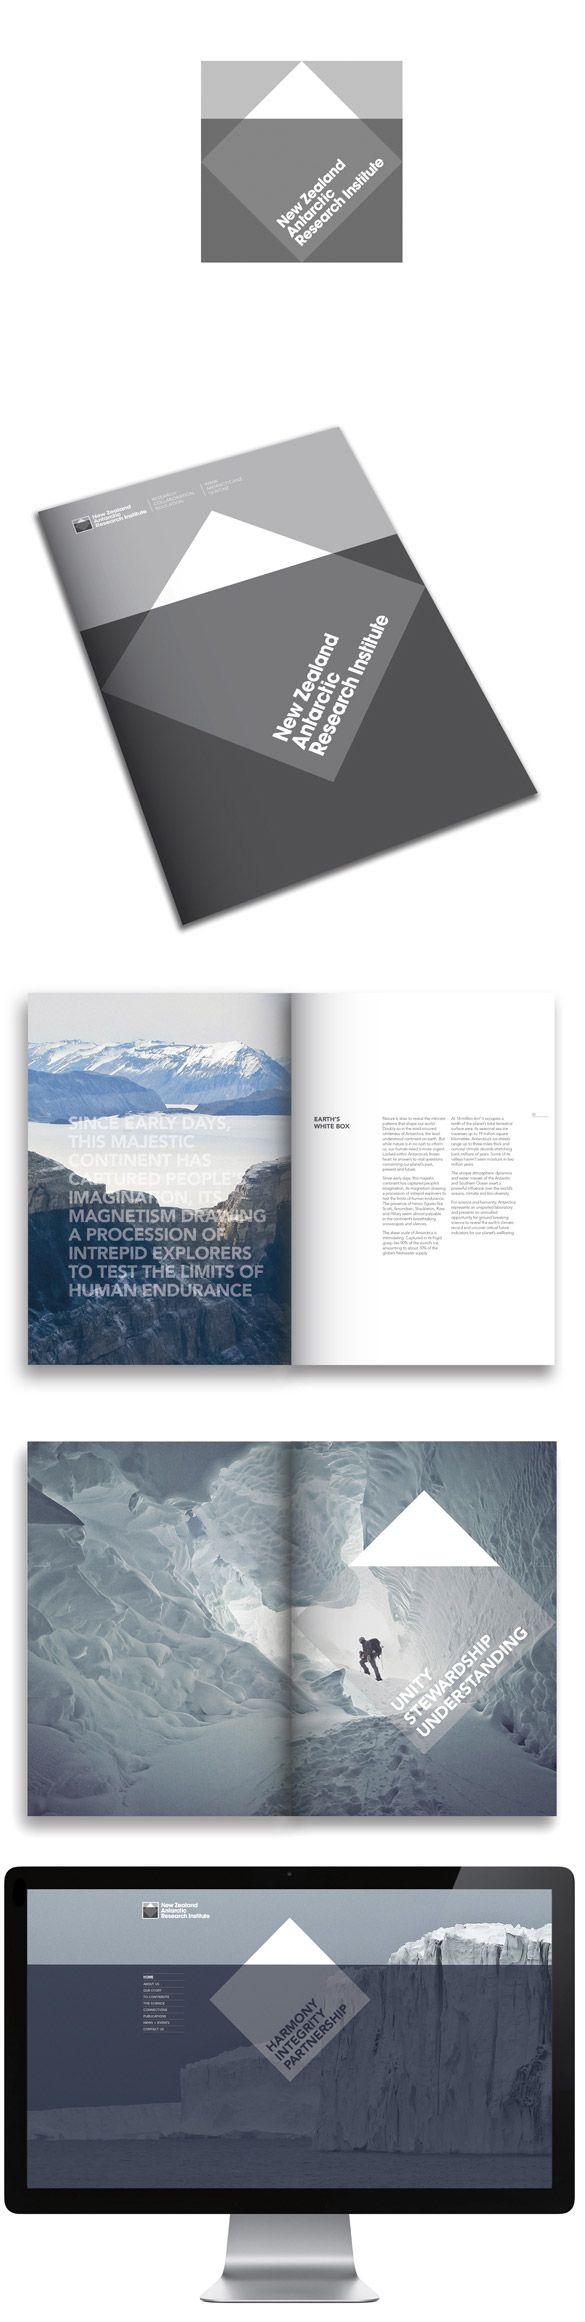 Graphisme & interactivité blog par Geoffrey Dorne » La nouvelle identité visuelle du New Zealand Antarctic Research Institute !